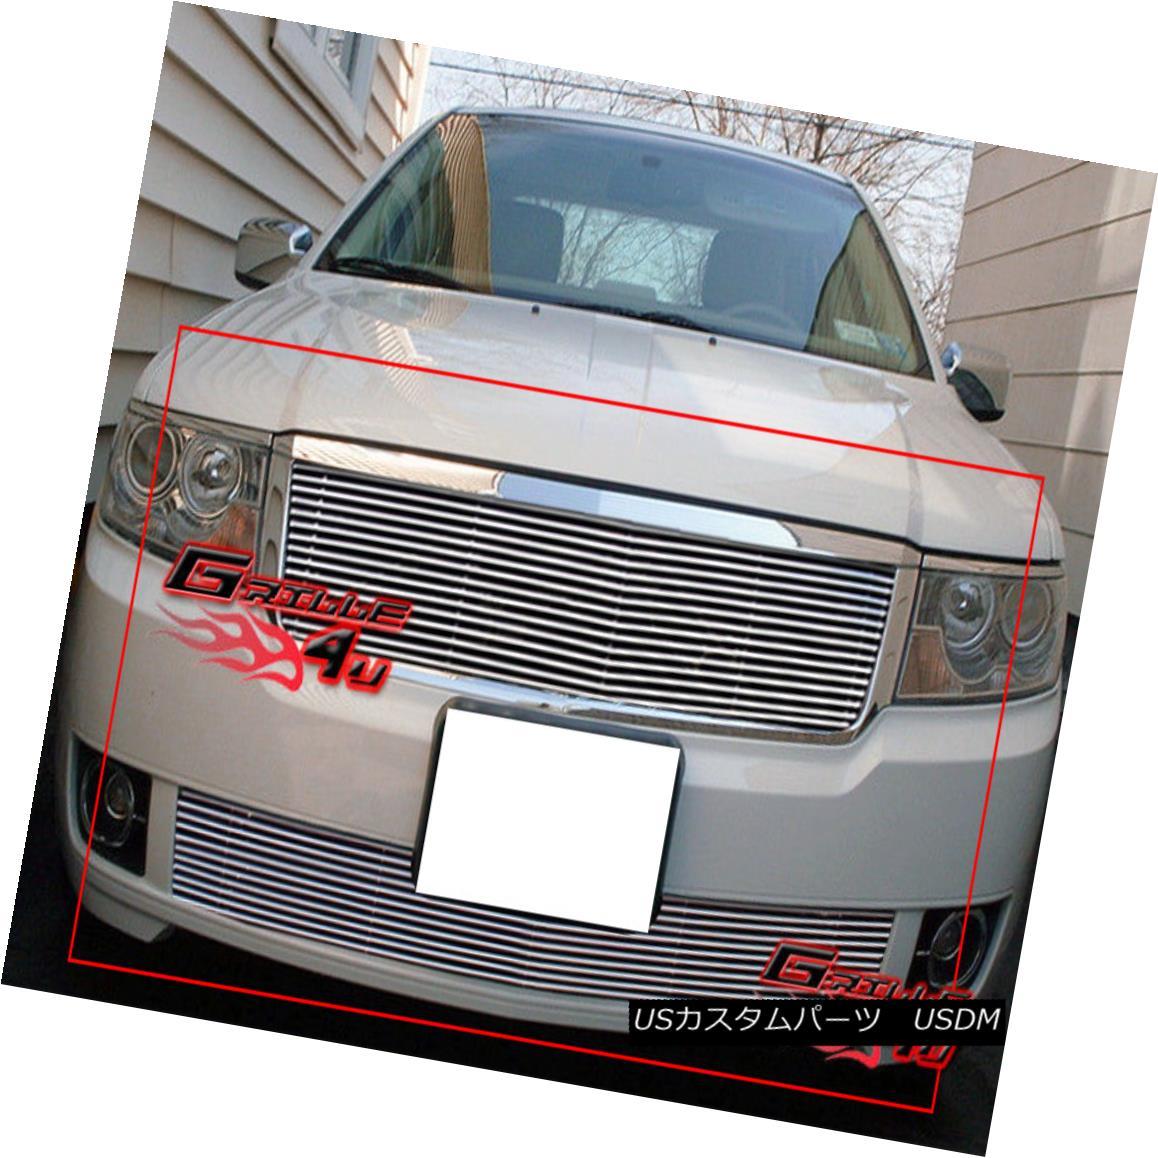 グリル For 07-08 Lincoln MKZ Billet Grille Insert 07-08リンカーンMKZビレットグリルインサート